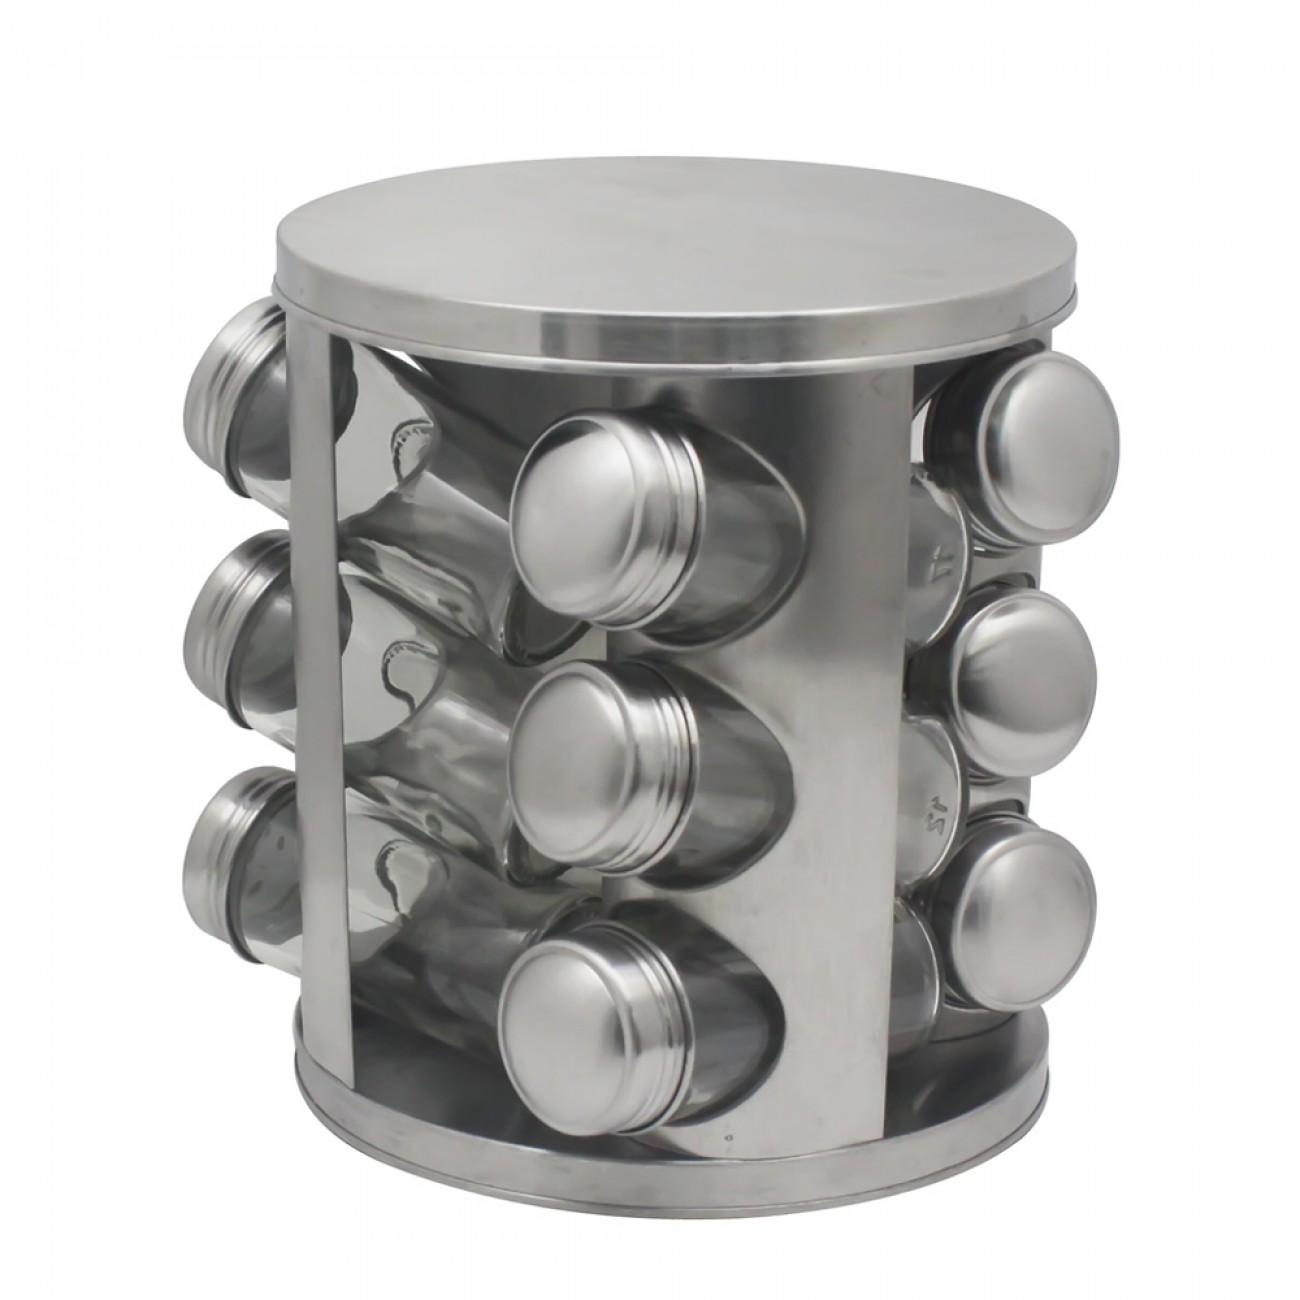 Бурканчета за подправки на стойка ZEPHYR ZP 1217 CR12, 12 бр. бурканчета, 3 нива, Въртяща се основа, Сребрист в Поставки за подправки и органайзери за кухня - ZEPHYR | Alleop